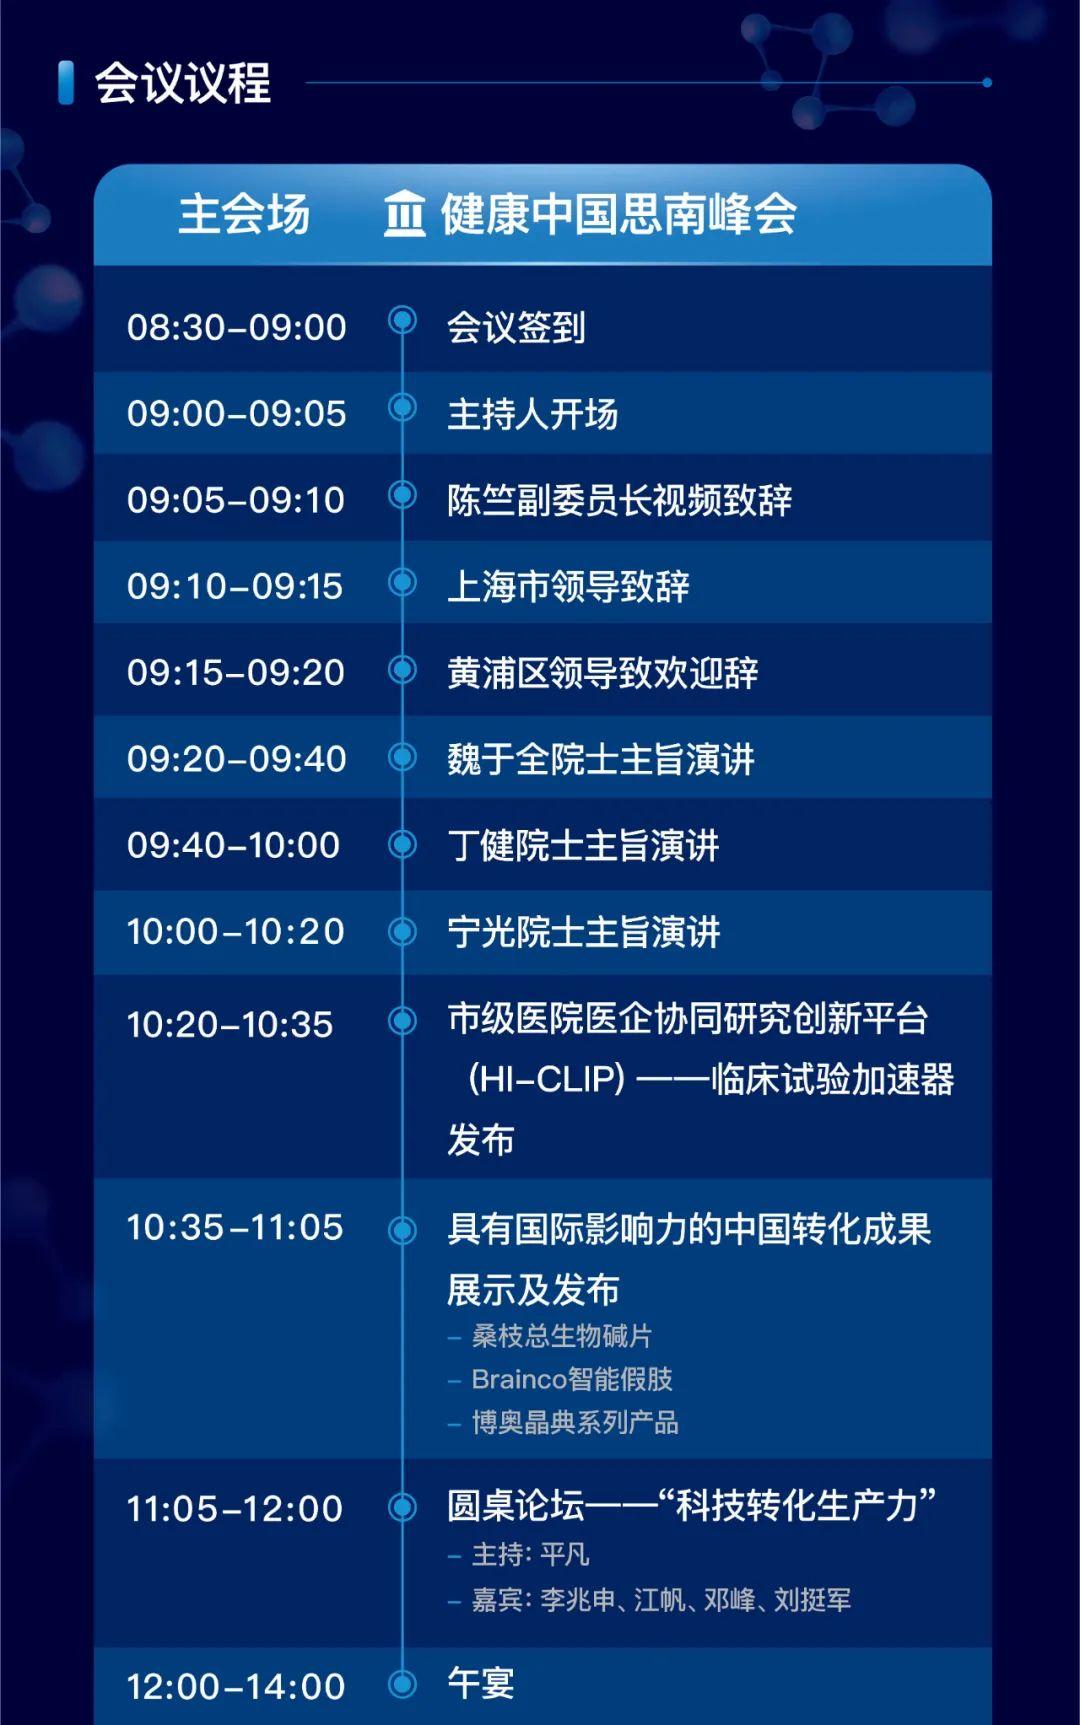 第二届健康中国思南峰会上海开启 亮点纷呈抢先看